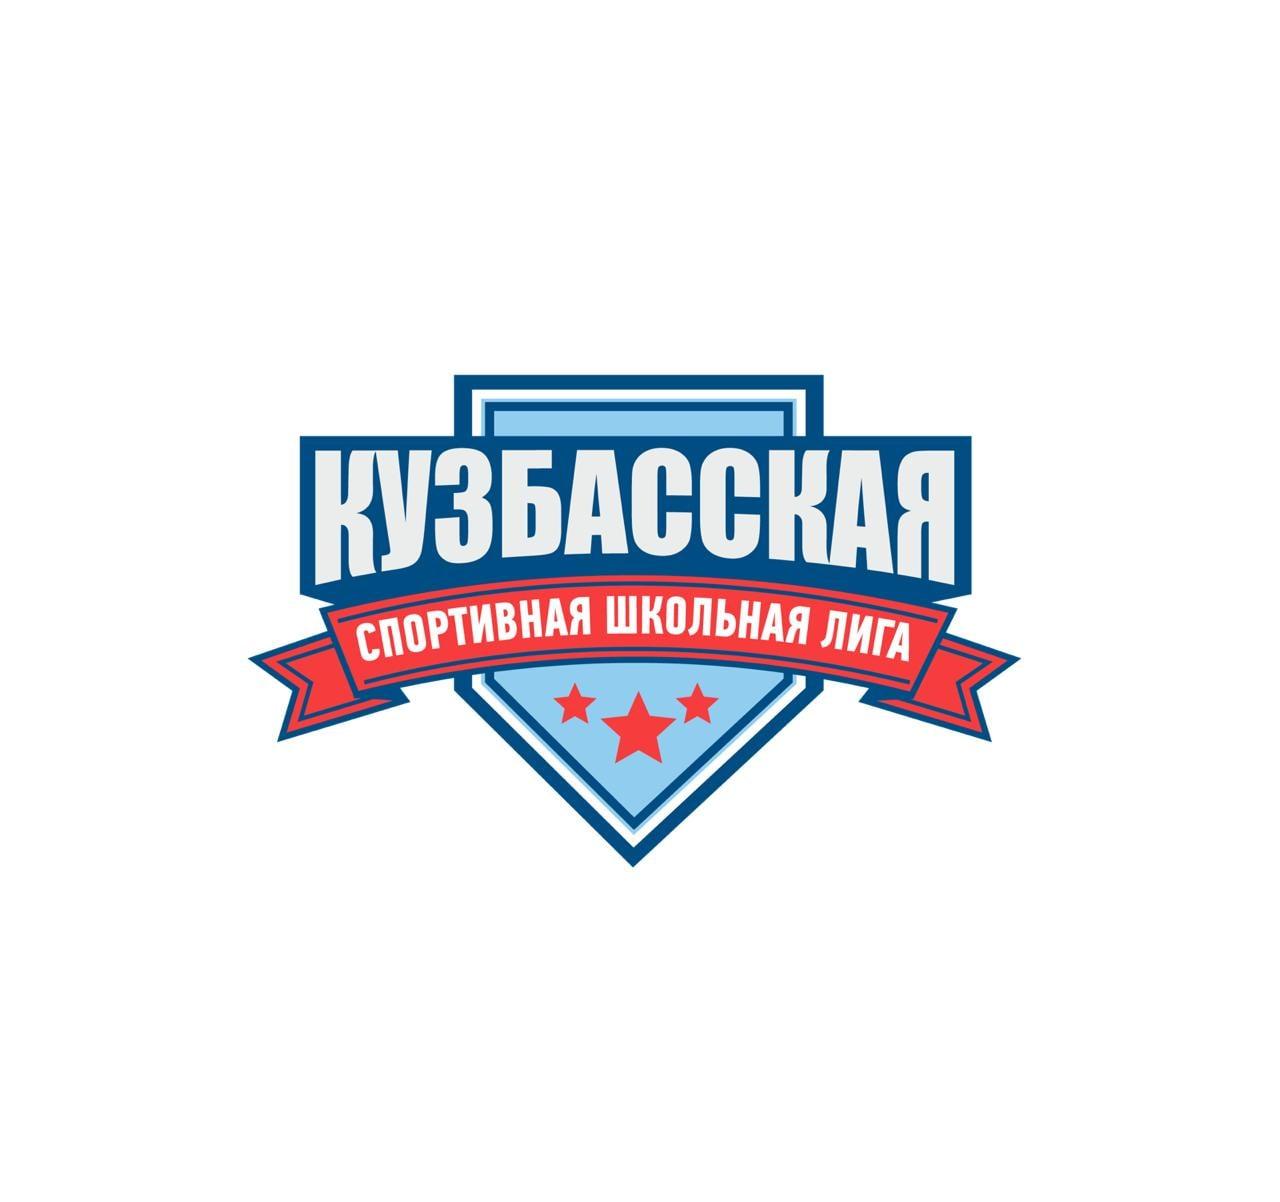 Кузбасская спортивная школьная лига